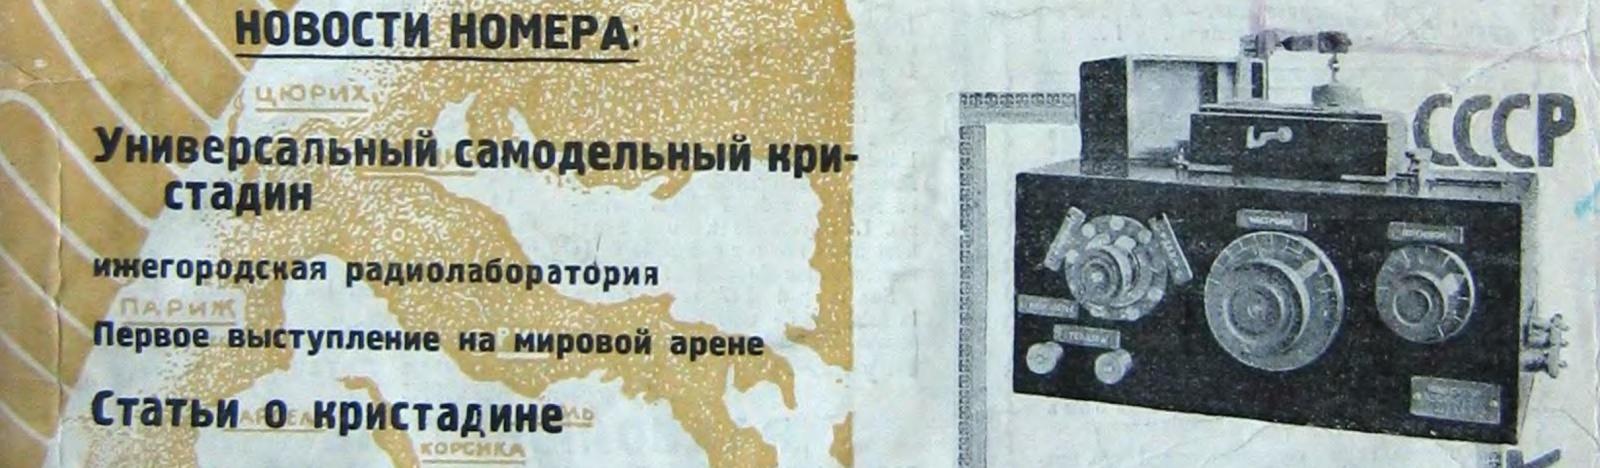 Нижегородская радиолаборатория и «кристадин» Лосева - 1